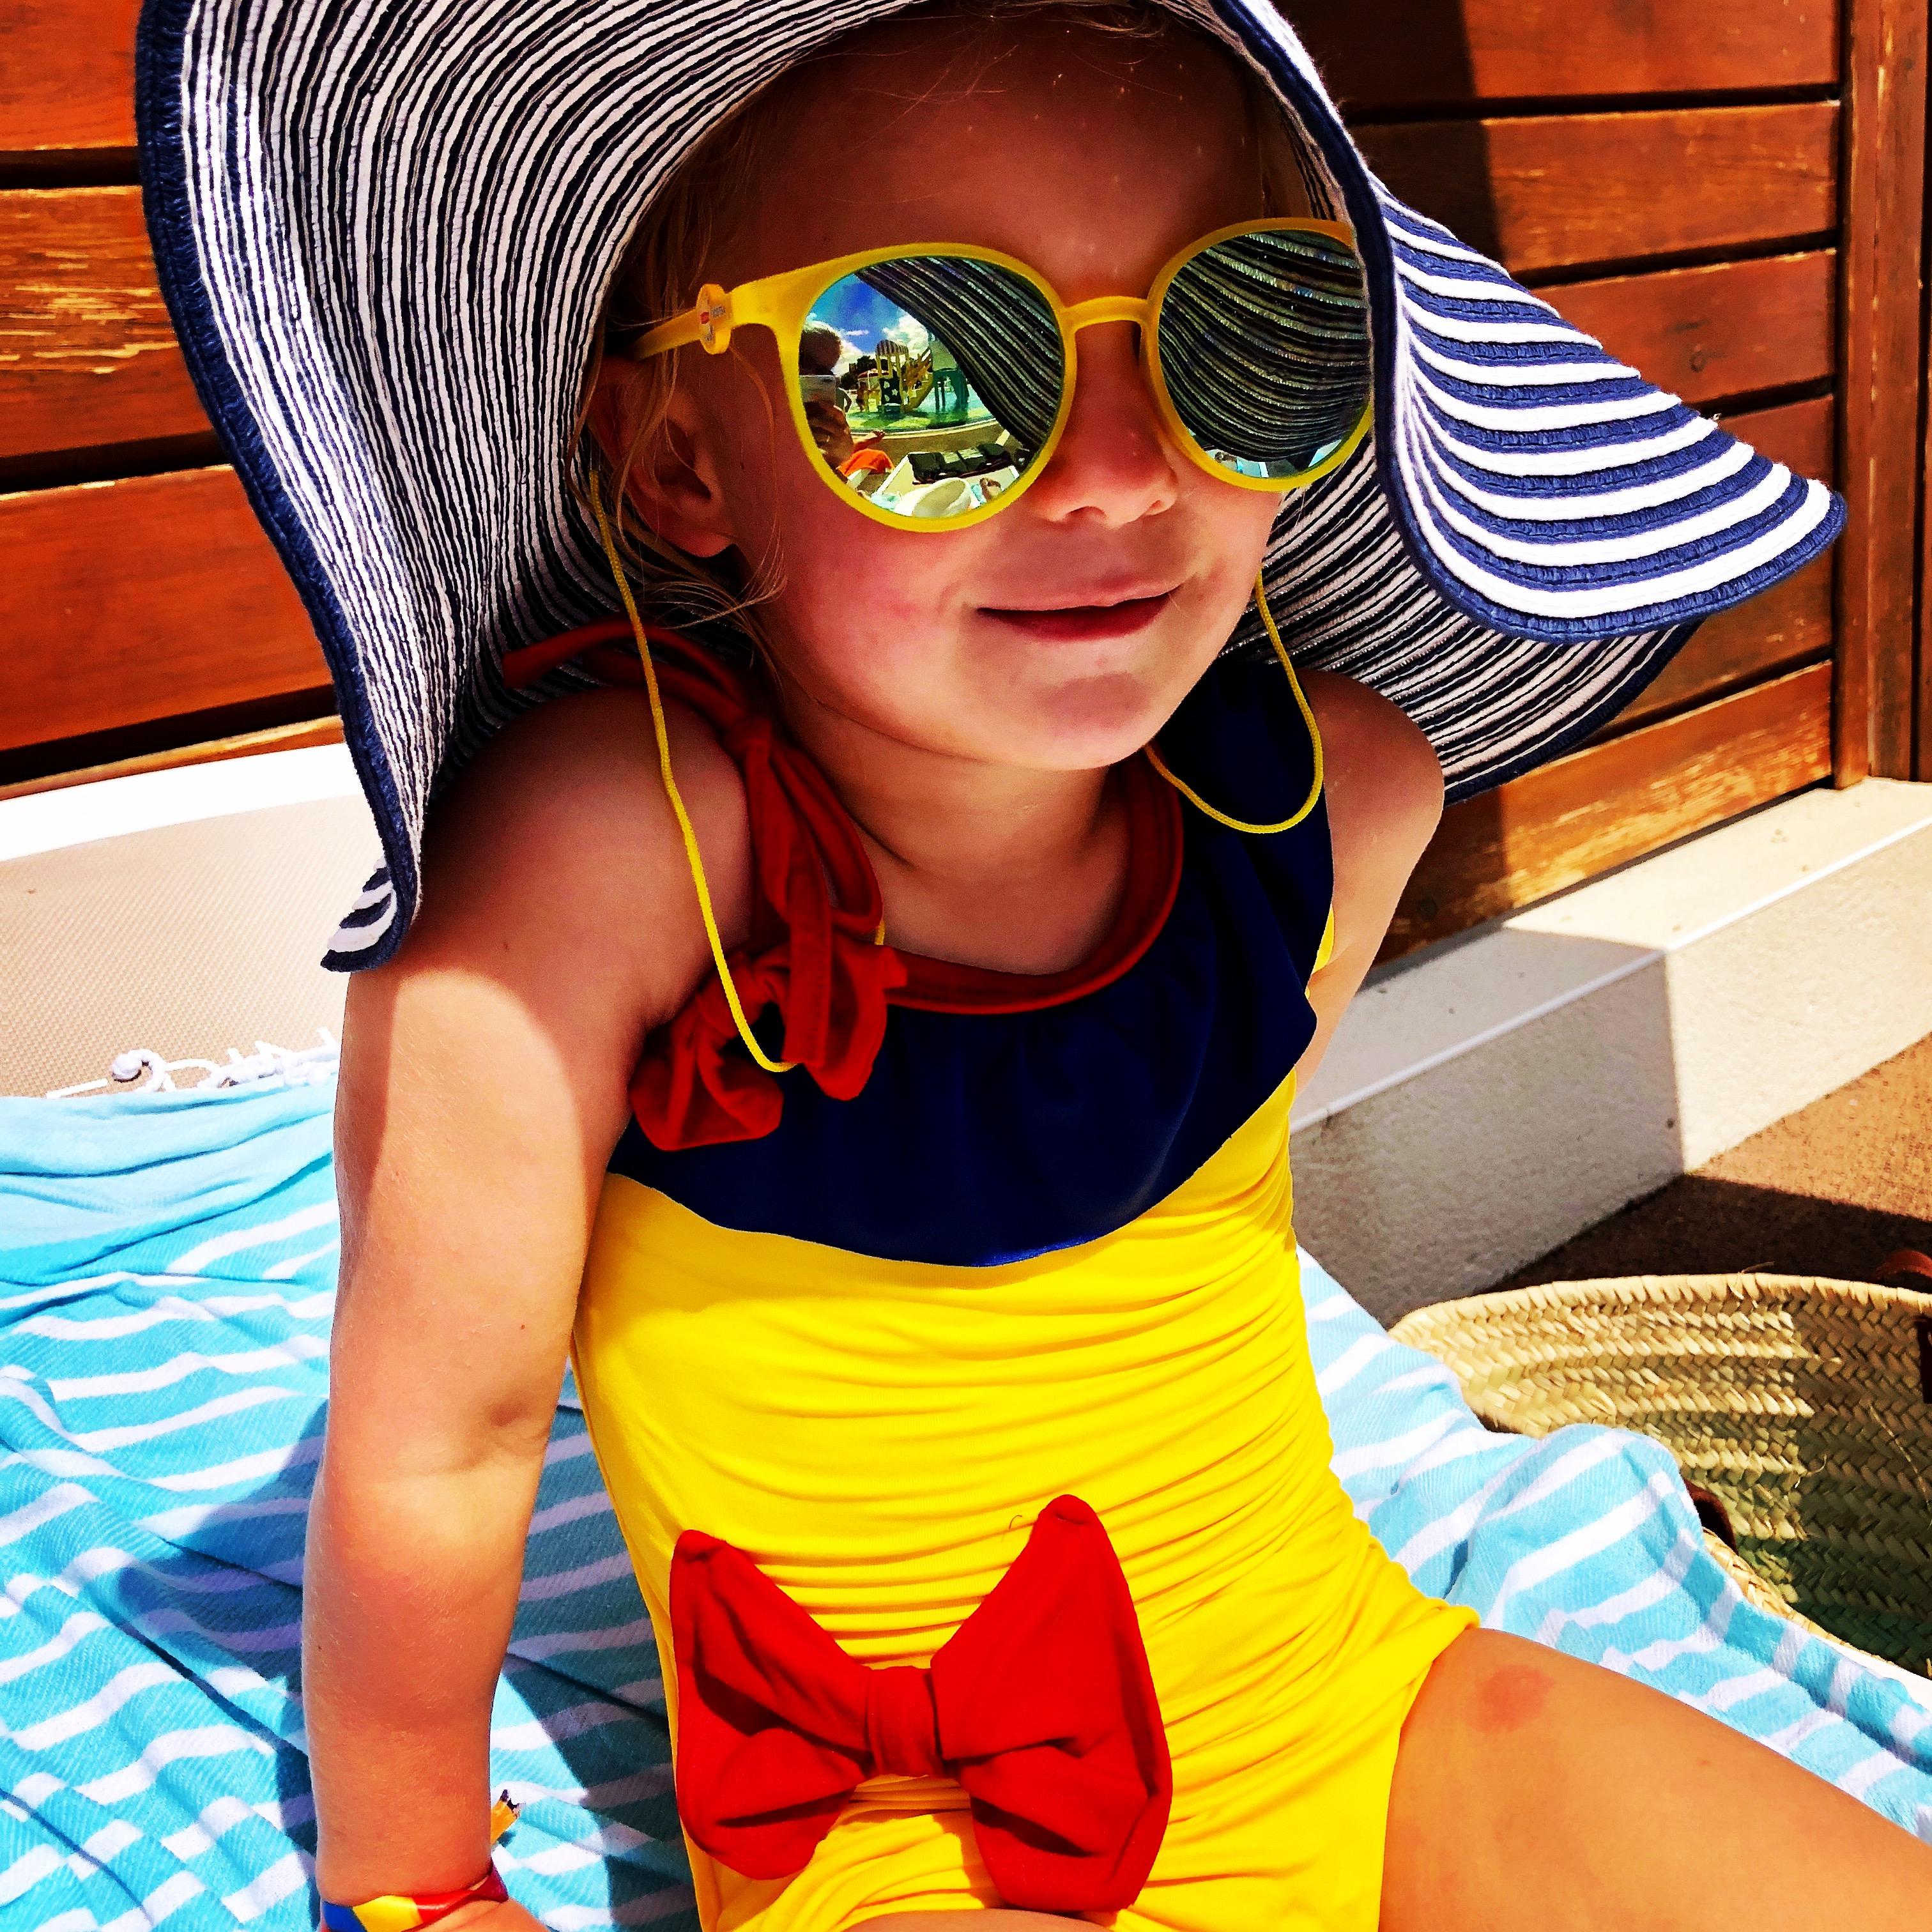 0776175f742ca4 Oogbescherming is bij kinderen met deze oogkleur extra belangrijk